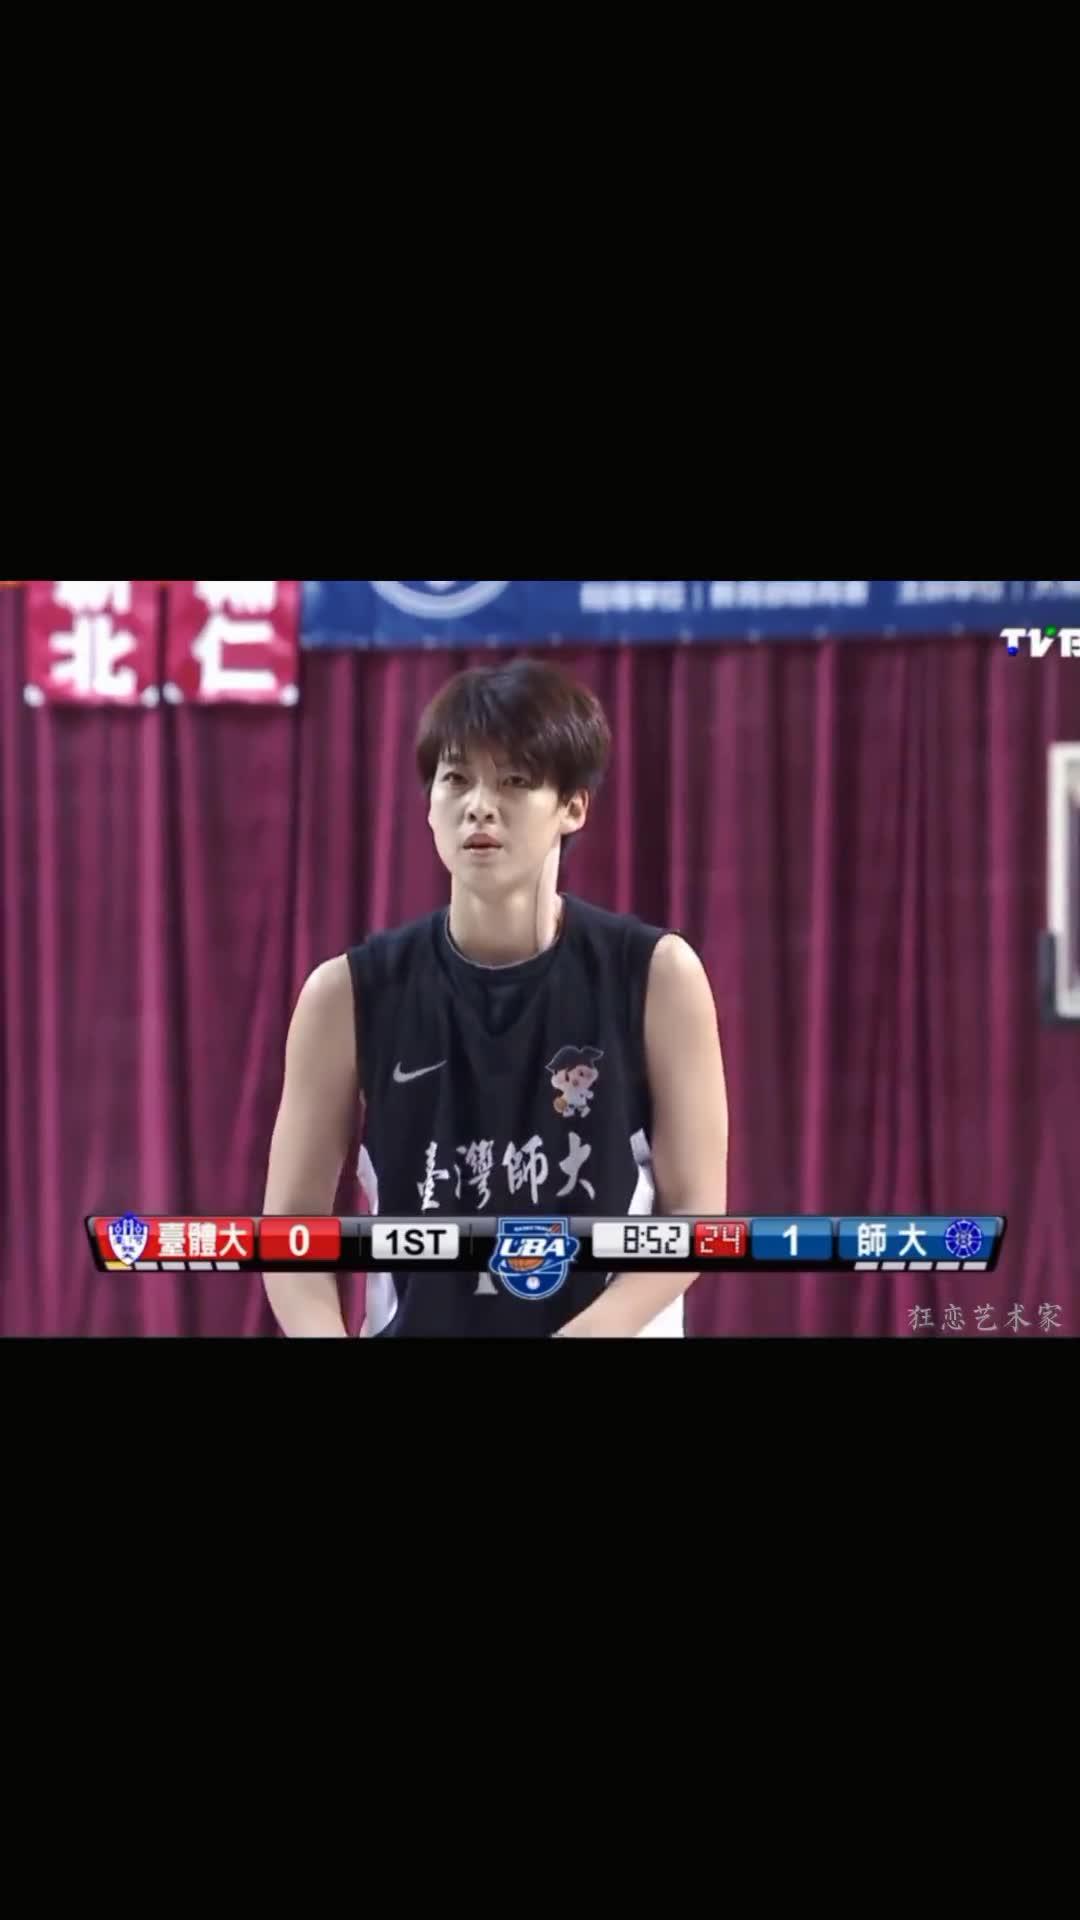 台版杨舒予?中国台湾师大球员王维琳